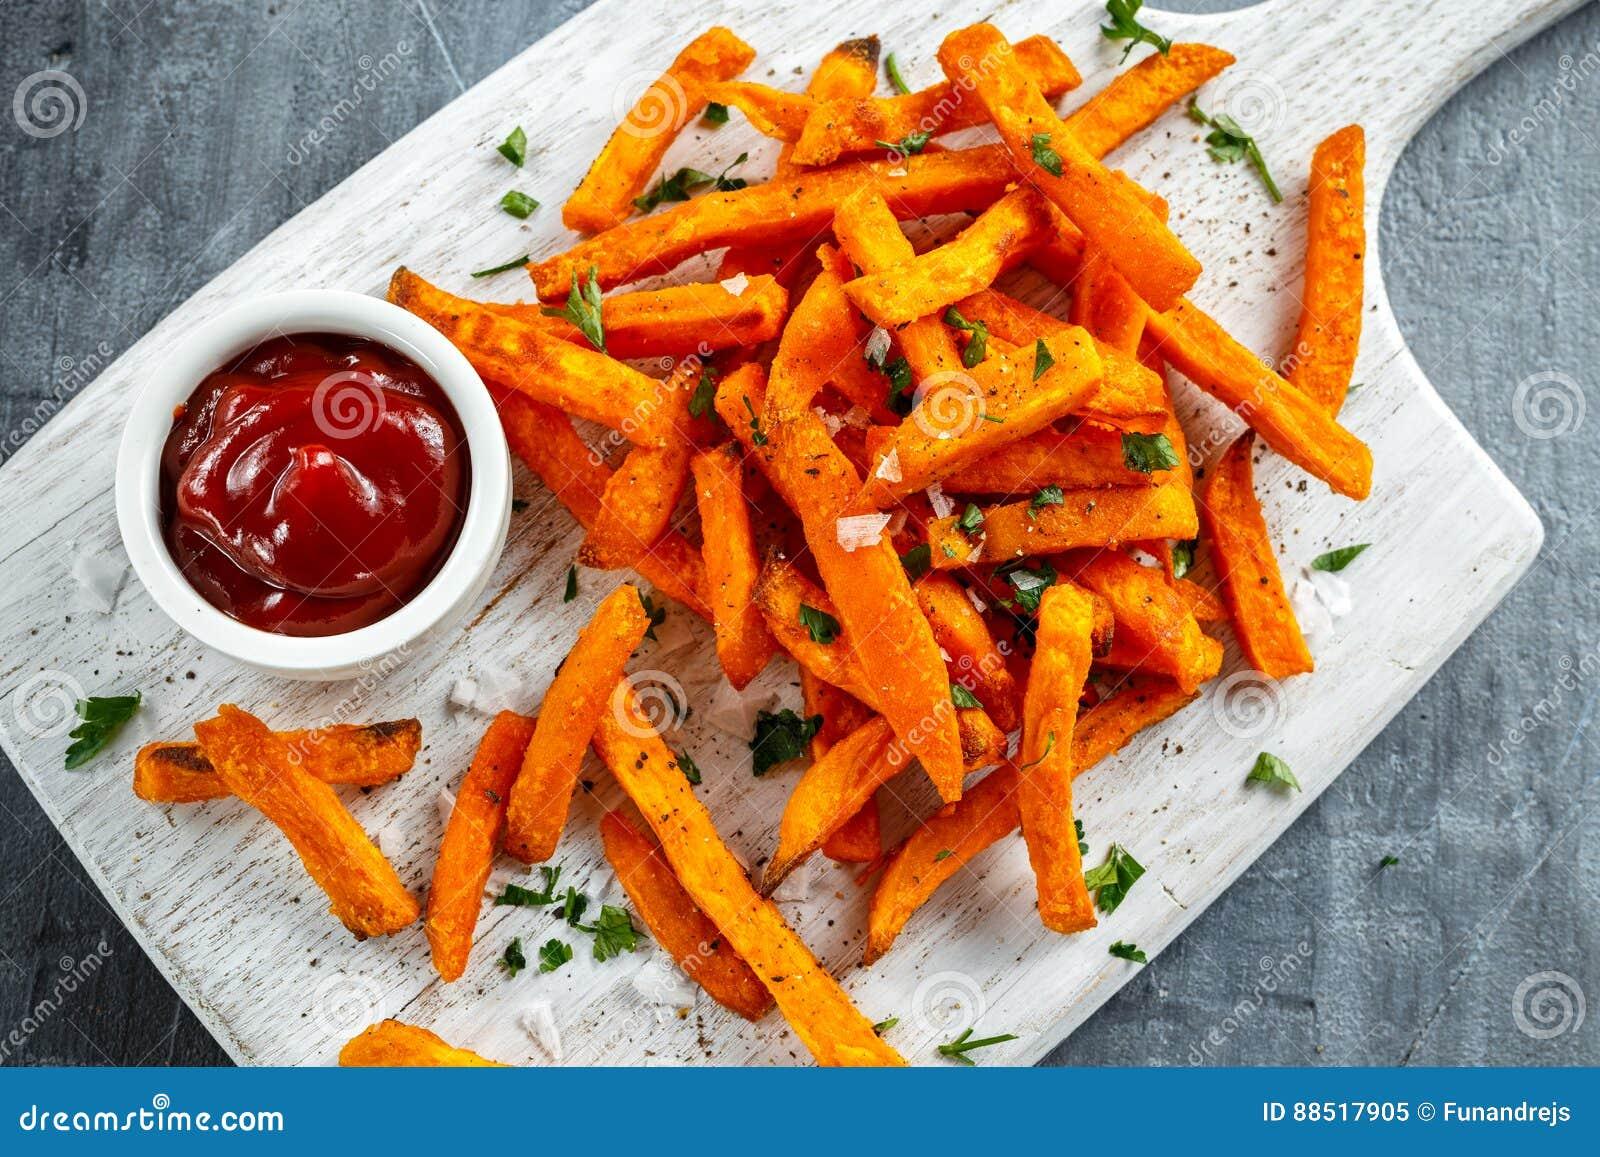 Zdrowy Domowej roboty Piec Pomarańczowy batat Smaży z ketchupem, sól, pieprz na białej drewnianej desce